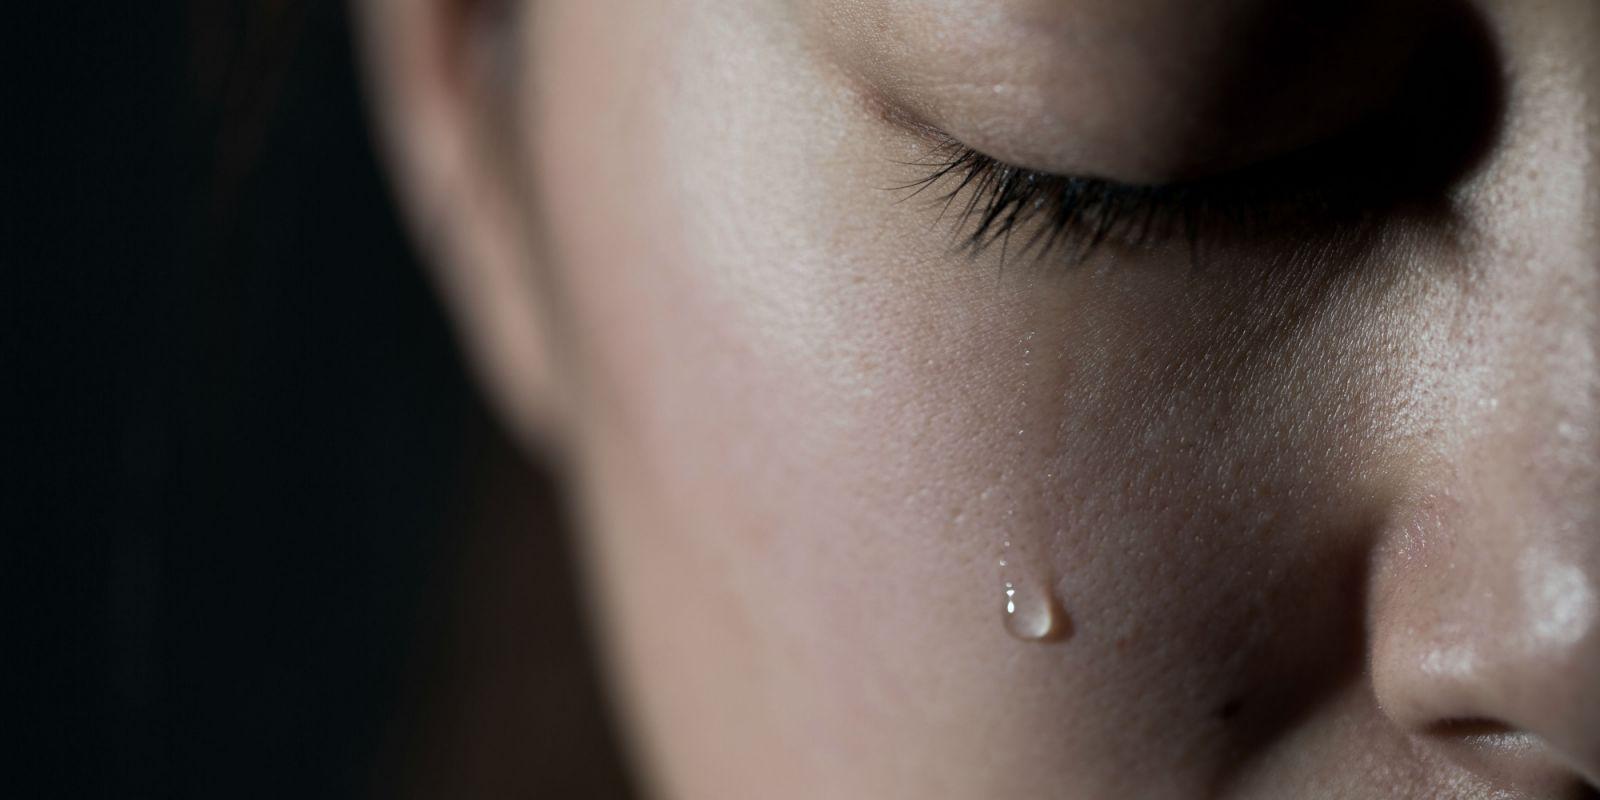 Người ta nghĩ chị khóc vì hạnh phúc, còn chị biết mình đang khóc cho những nỗi đau . (Ảnh minh hoạ)